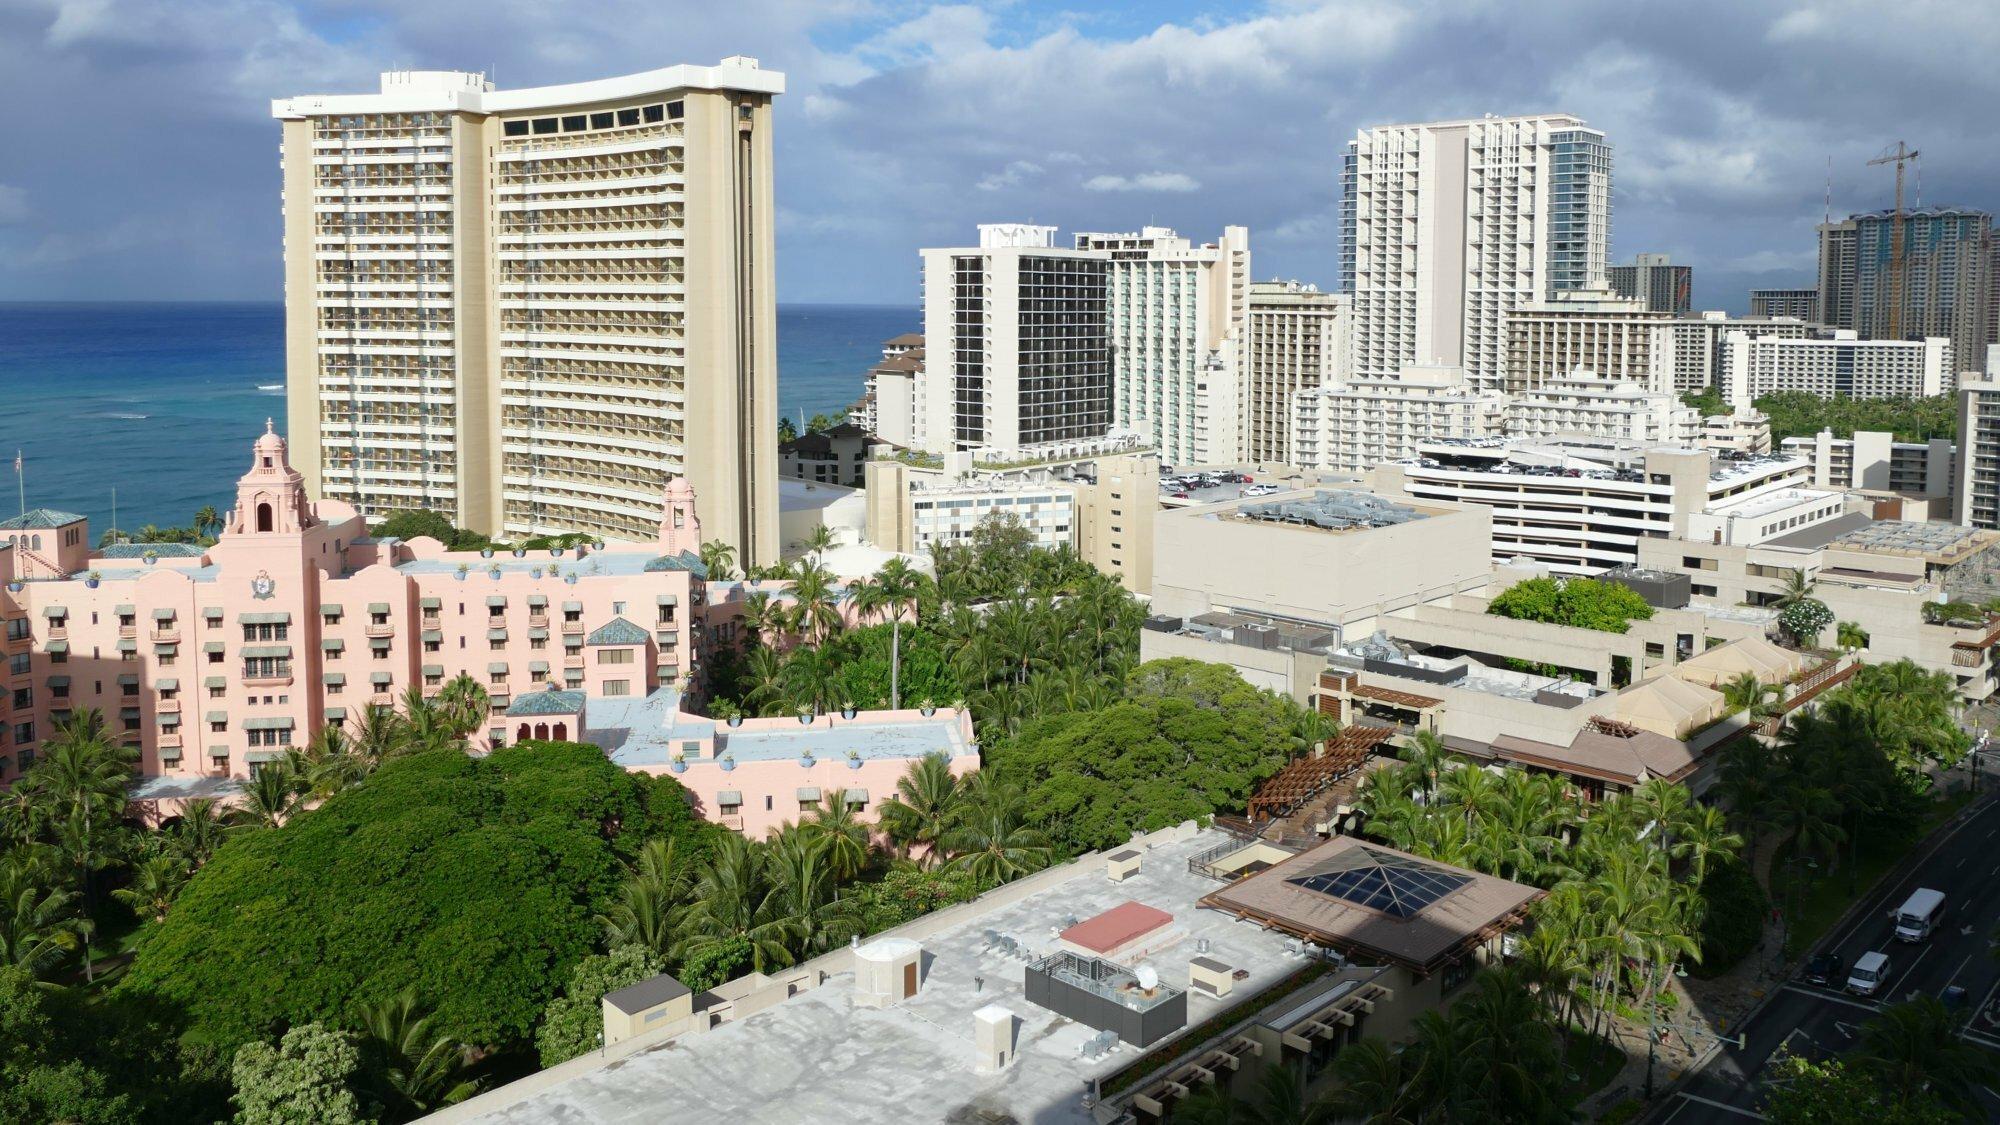 Stadtviertel von Honolulu mit Hochhäusern am Meer, zwischen den Gebäuden stehen Bäume und Palmen.